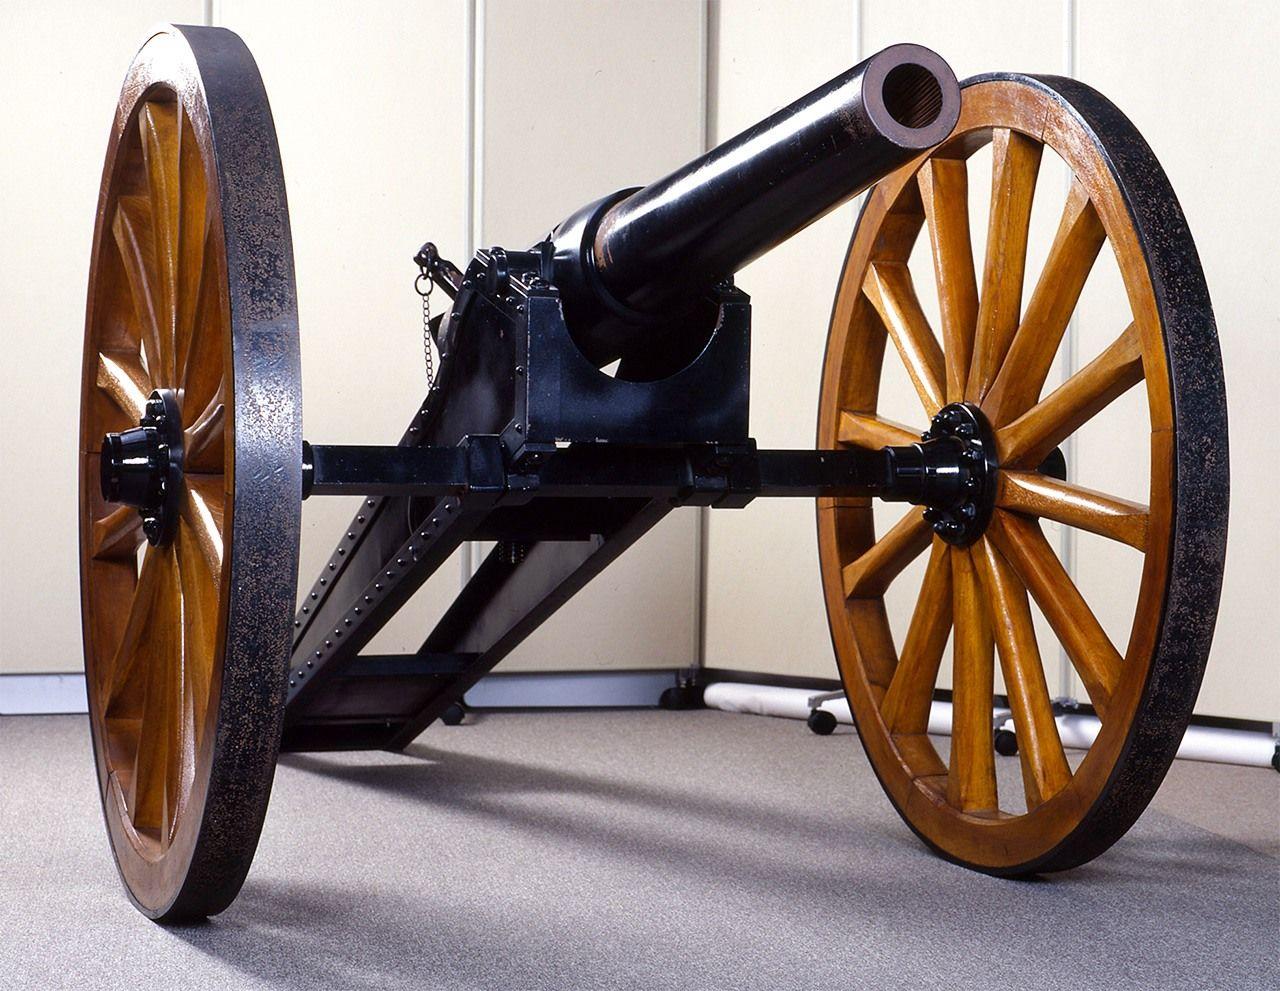 Копия пушки Армстронга в музее истории замка Сага в преф. Сага (предоставлено Историческим музеем замка Сага)